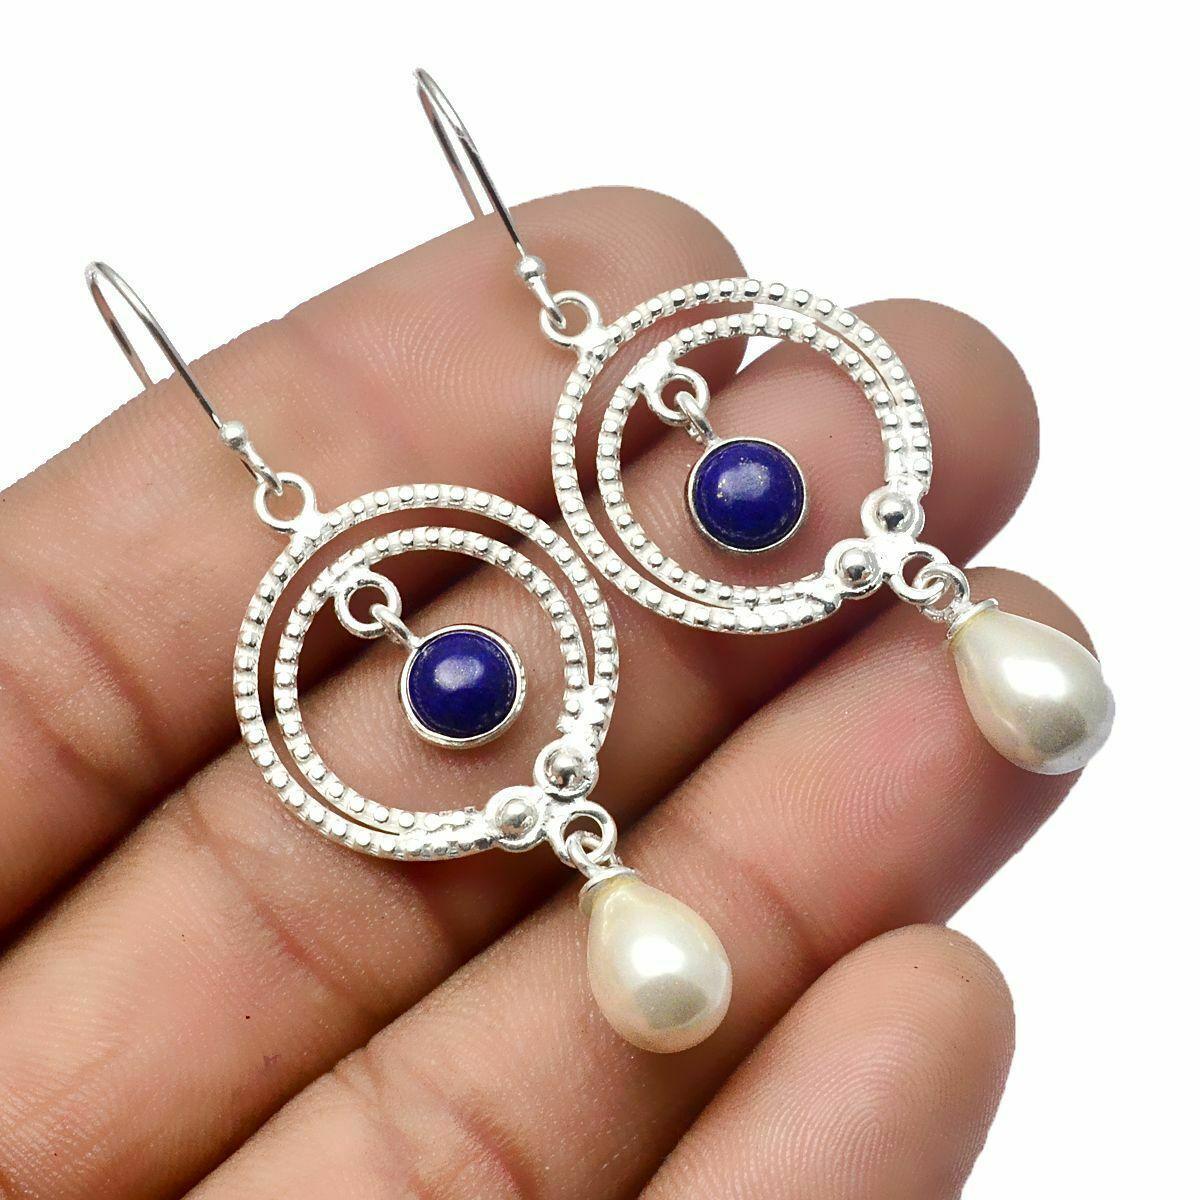 Сережки зі срібла з перлами і лазуритом, срібло 925, 874СЖ